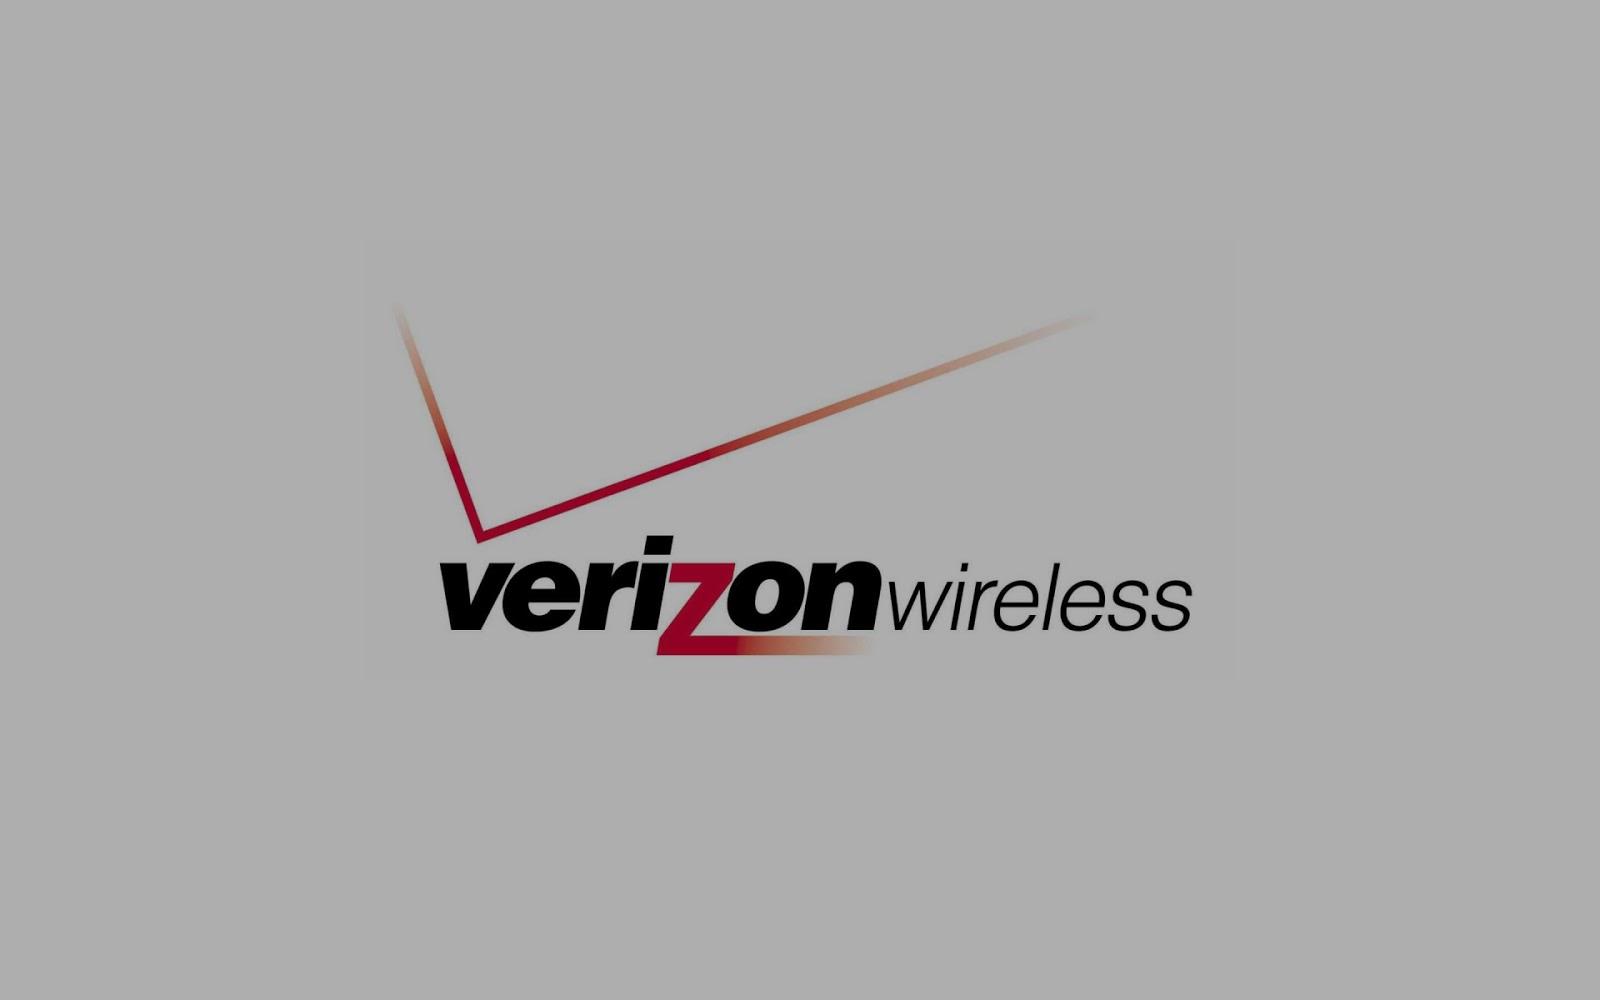 recent logos recent logos recent logosVerizon Logo Vector